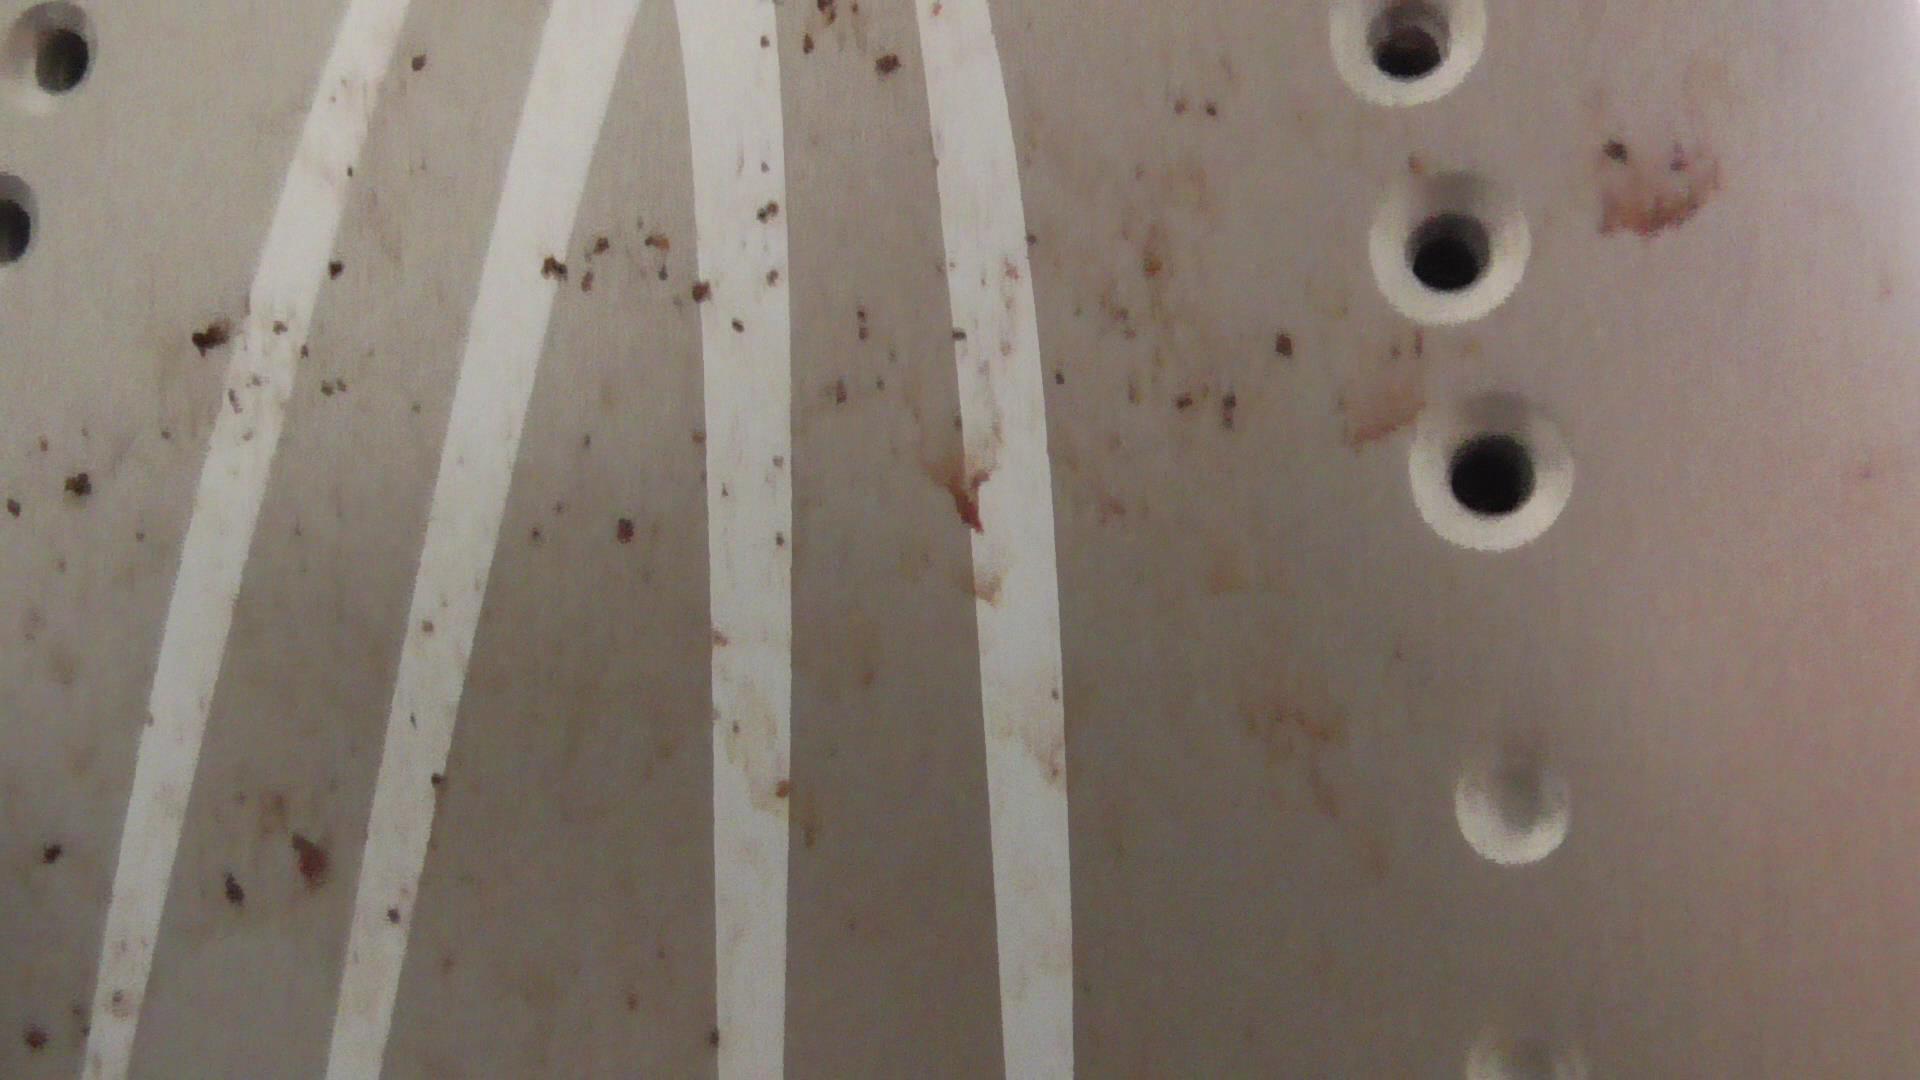 Schmutzige Bügelsohle einer Dampfbügelstation